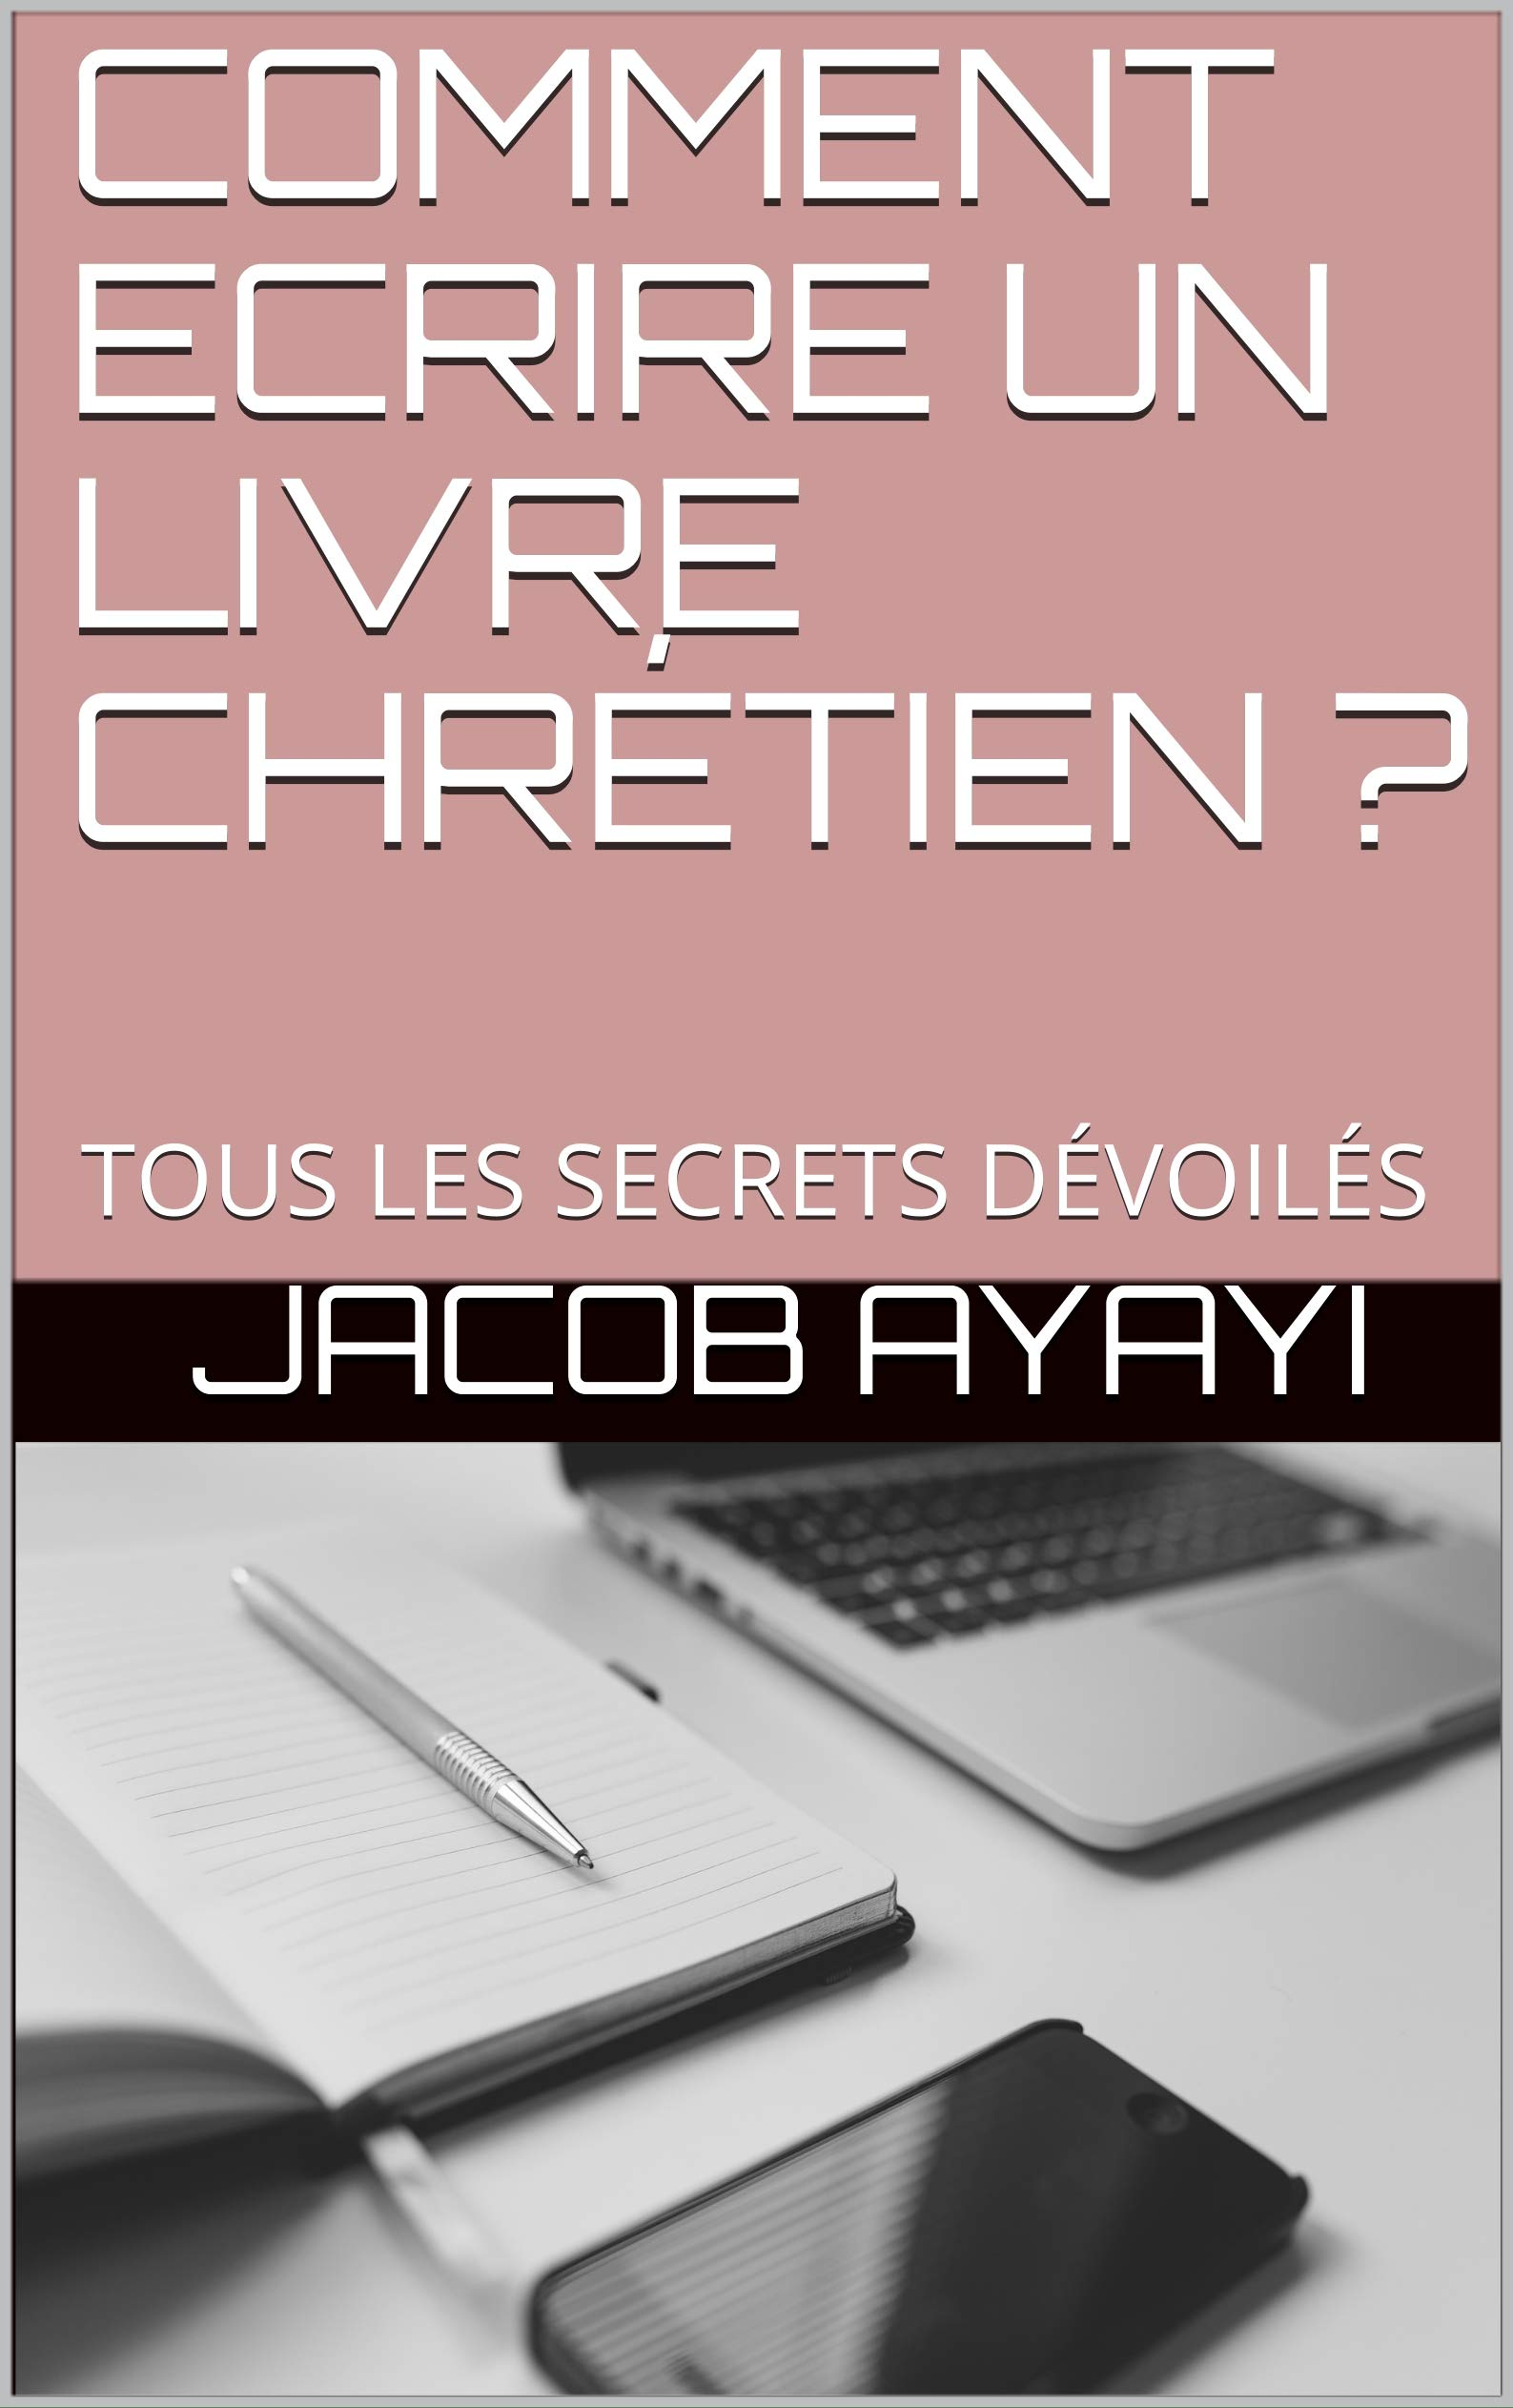 COMMENT ECRIRE UN LIVRE CHRÉTIEN ?: TOUS LES SECRETS DÉVOILÉS JACOB AYAYI